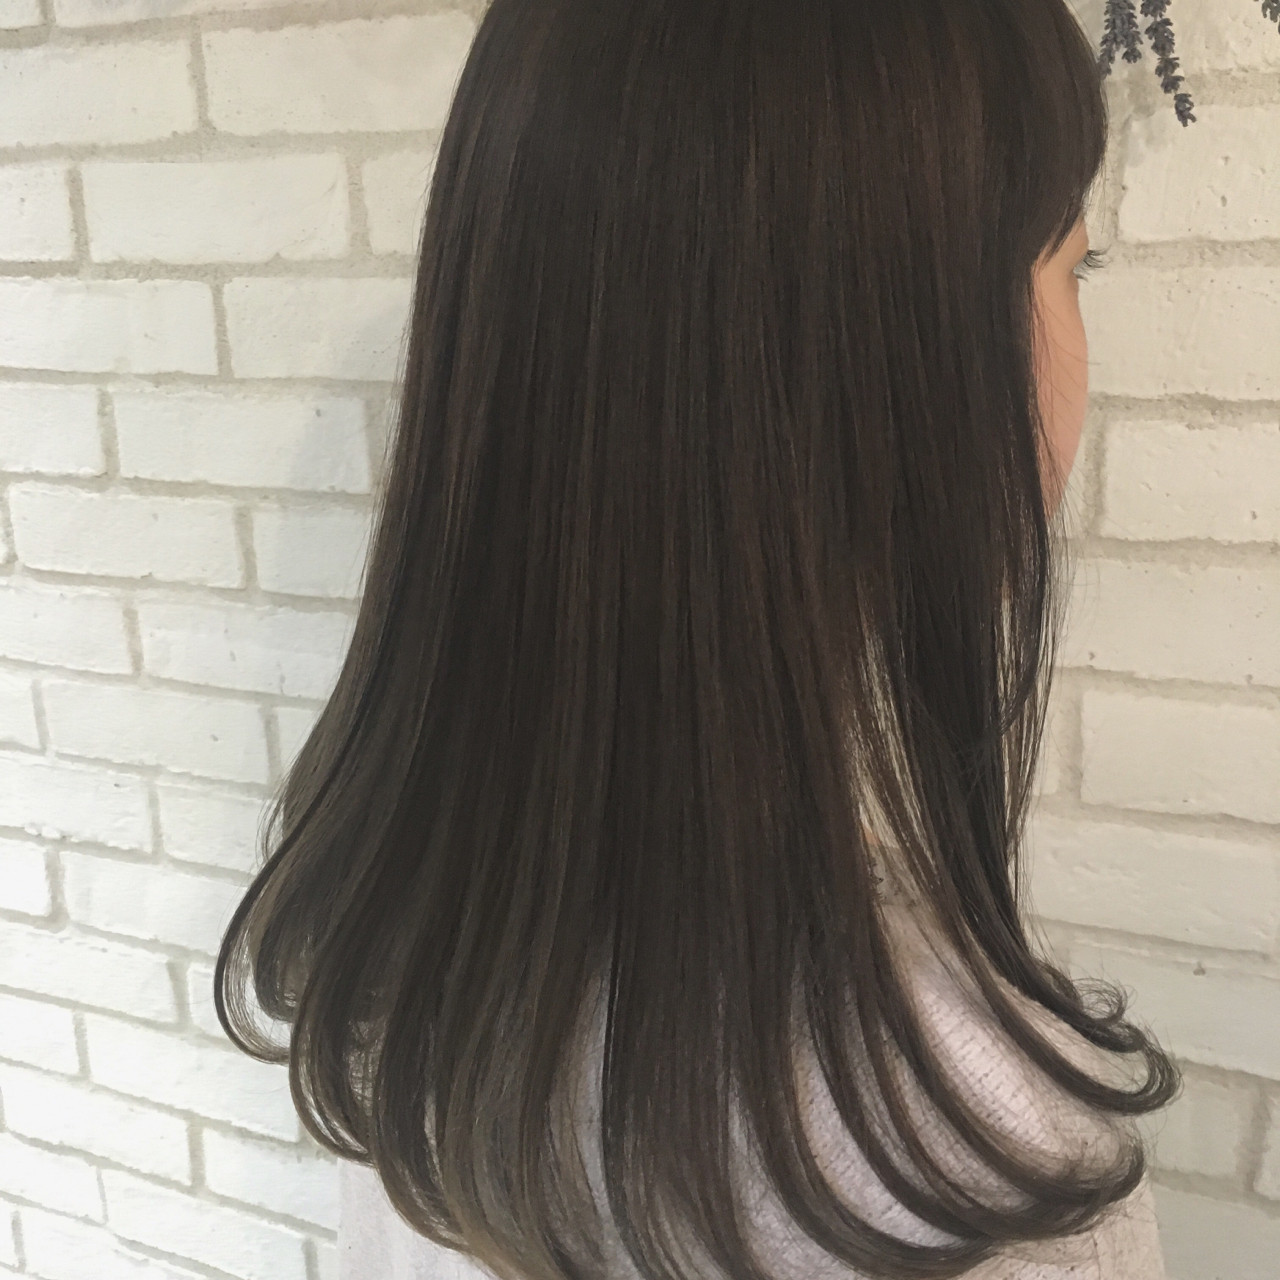 潤い・ツヤ感を保って健やかな髪質に♡ 出典:神田 朋孝